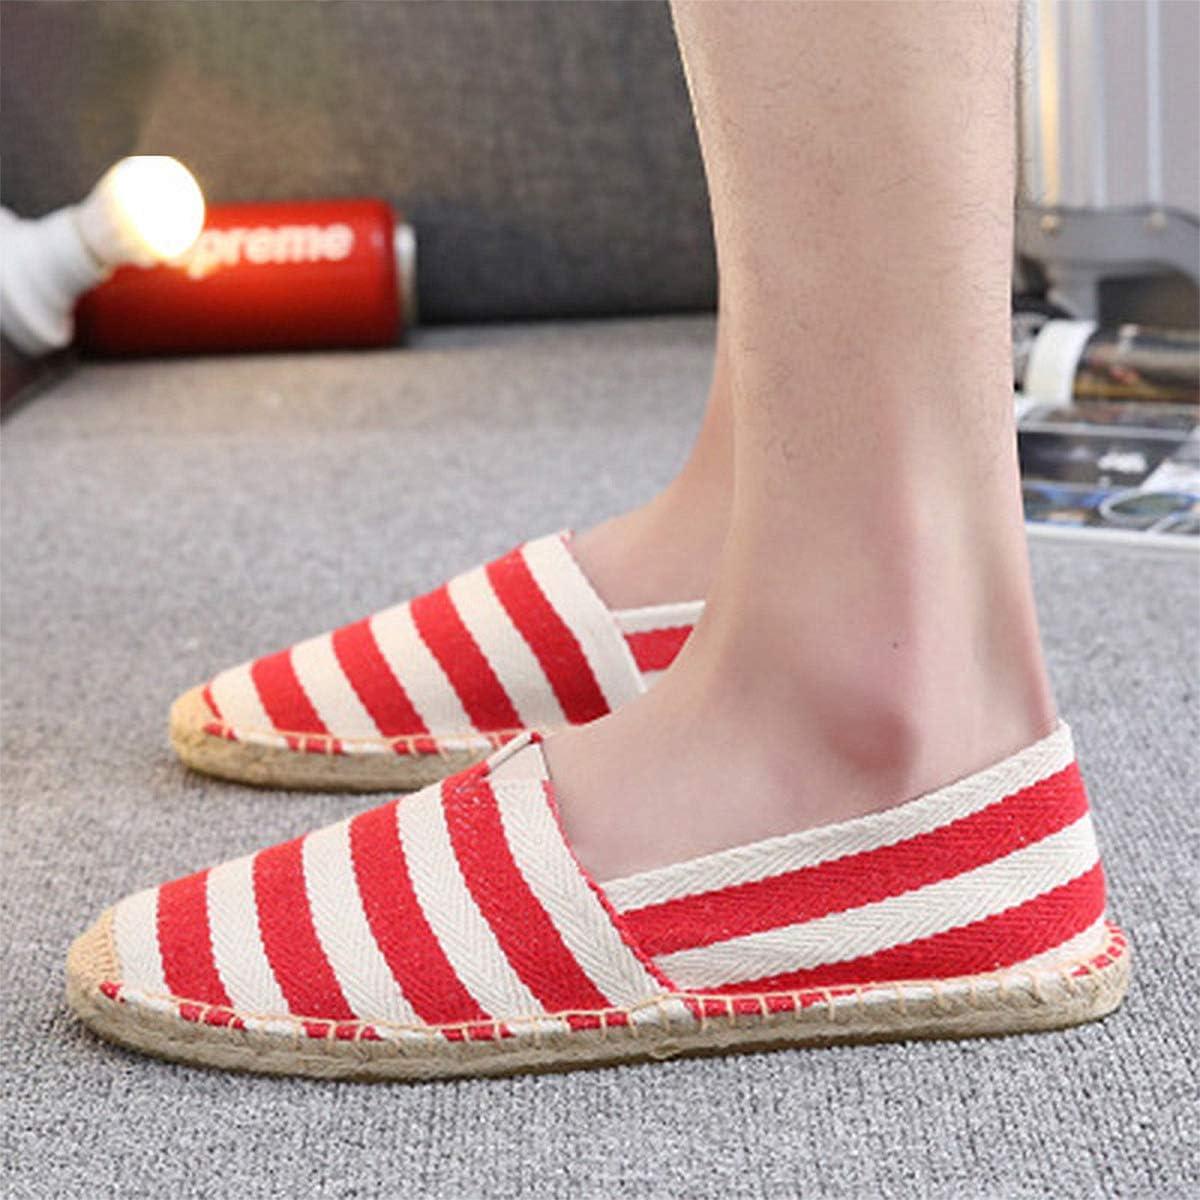 MEHOUSE Espadrilles D/Ét/é Mode Chaussures de P/êcheur Chaussures pour Femmes Chaussures Plates pour Femmes Rayures Rouges Baskets D/écontract/ées Baskets en Toile Femmes Respiran